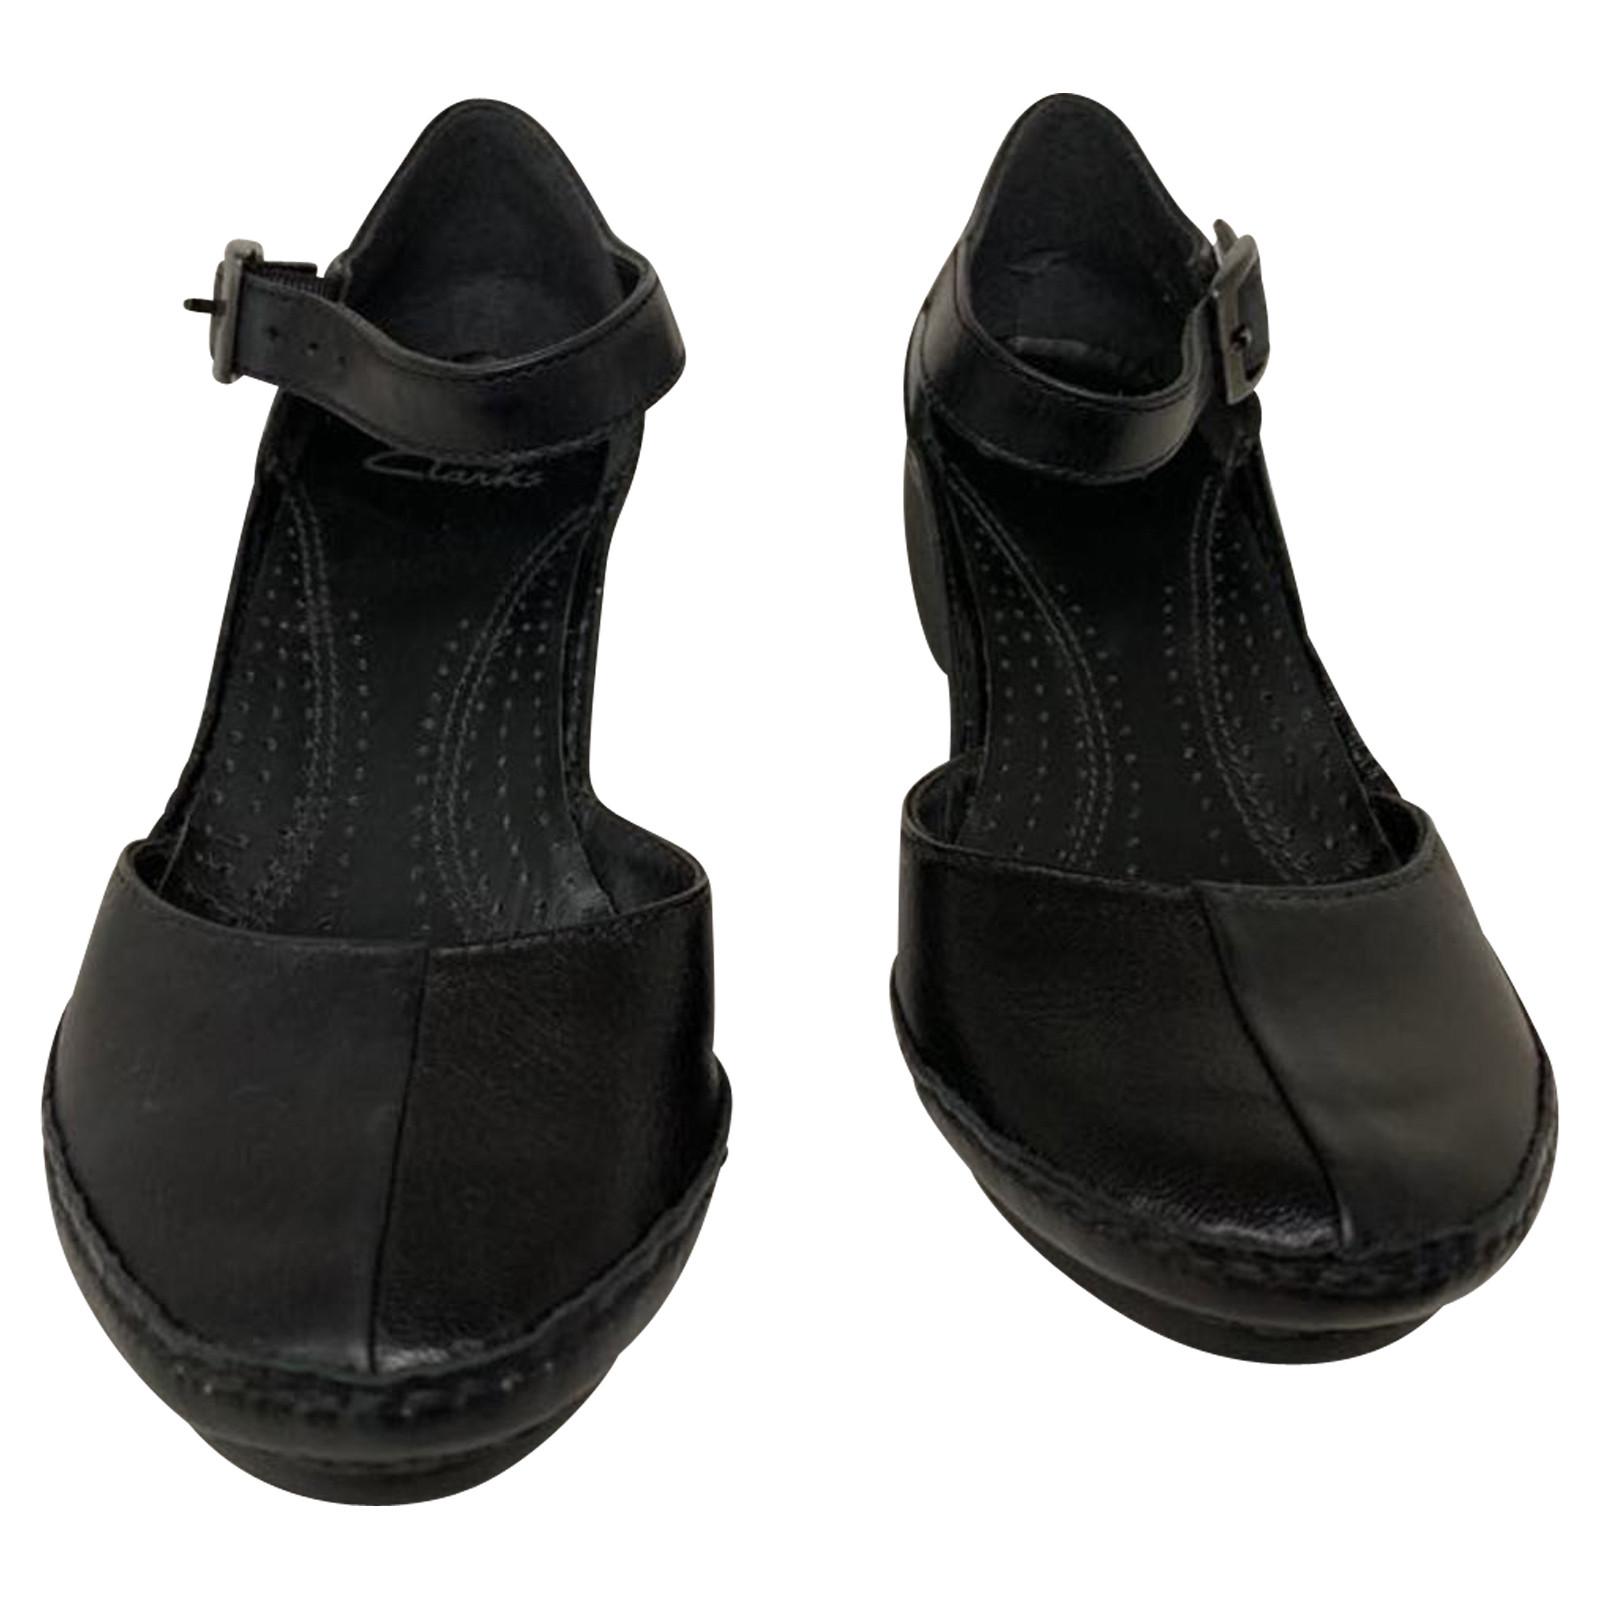 Clarks Sandalen aus Leder in Schwarz Second Hand Clarks